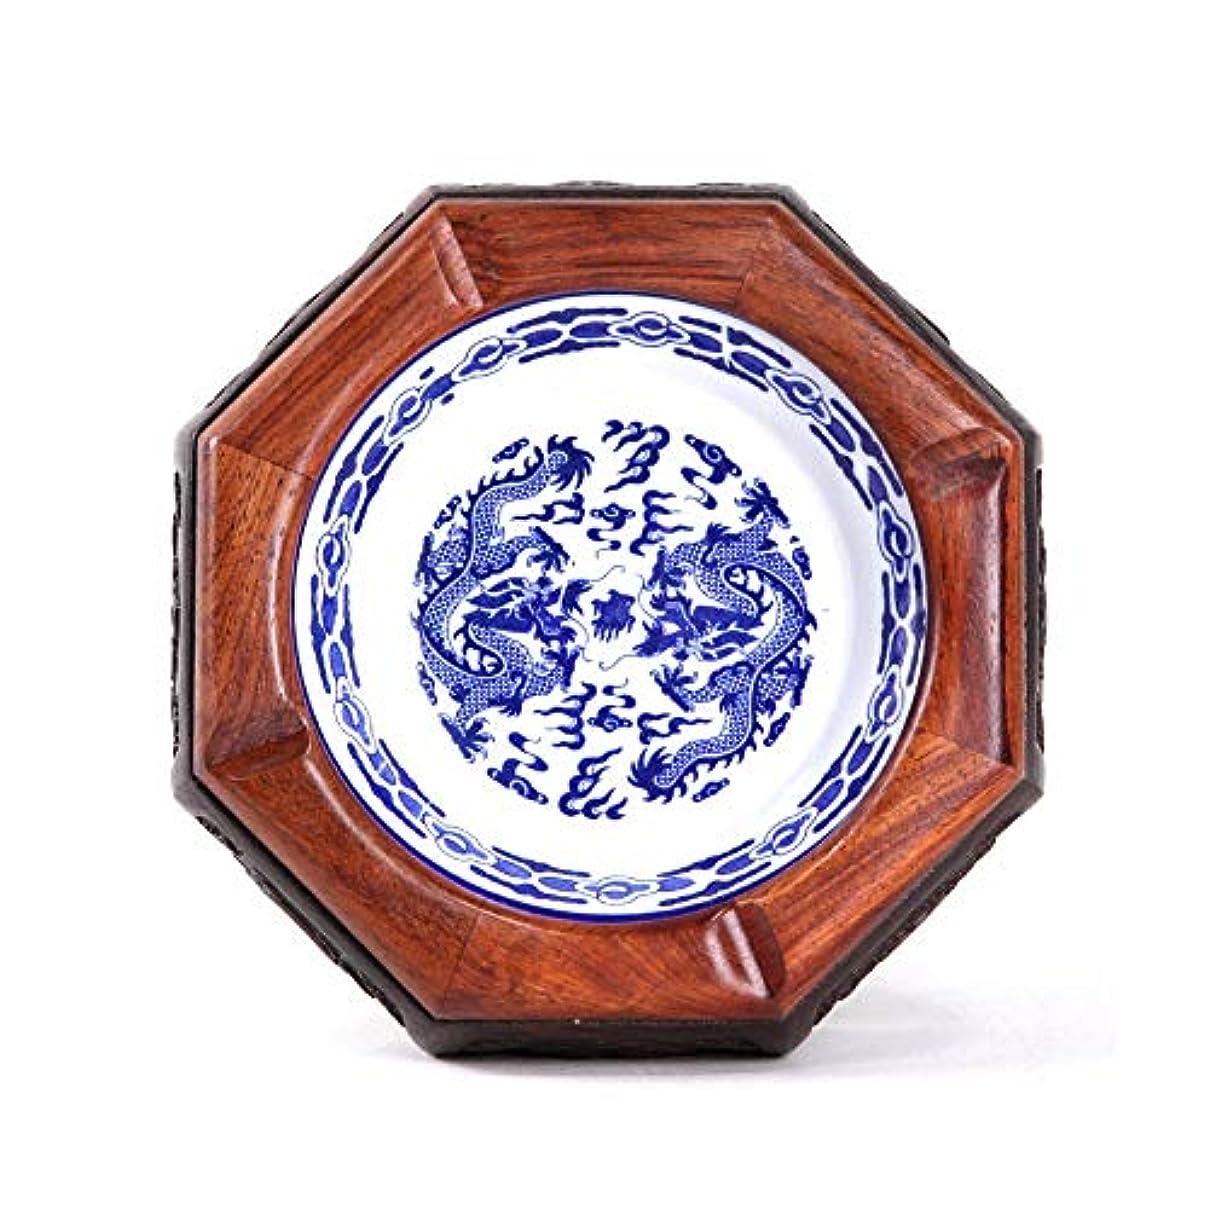 として海岸出口オフィスの居間の灰皿、中国のレトロな陶磁器並ぶ木製の灰皿、家の屋内と屋外の庭のエレガントな灰皿 (色 : L)